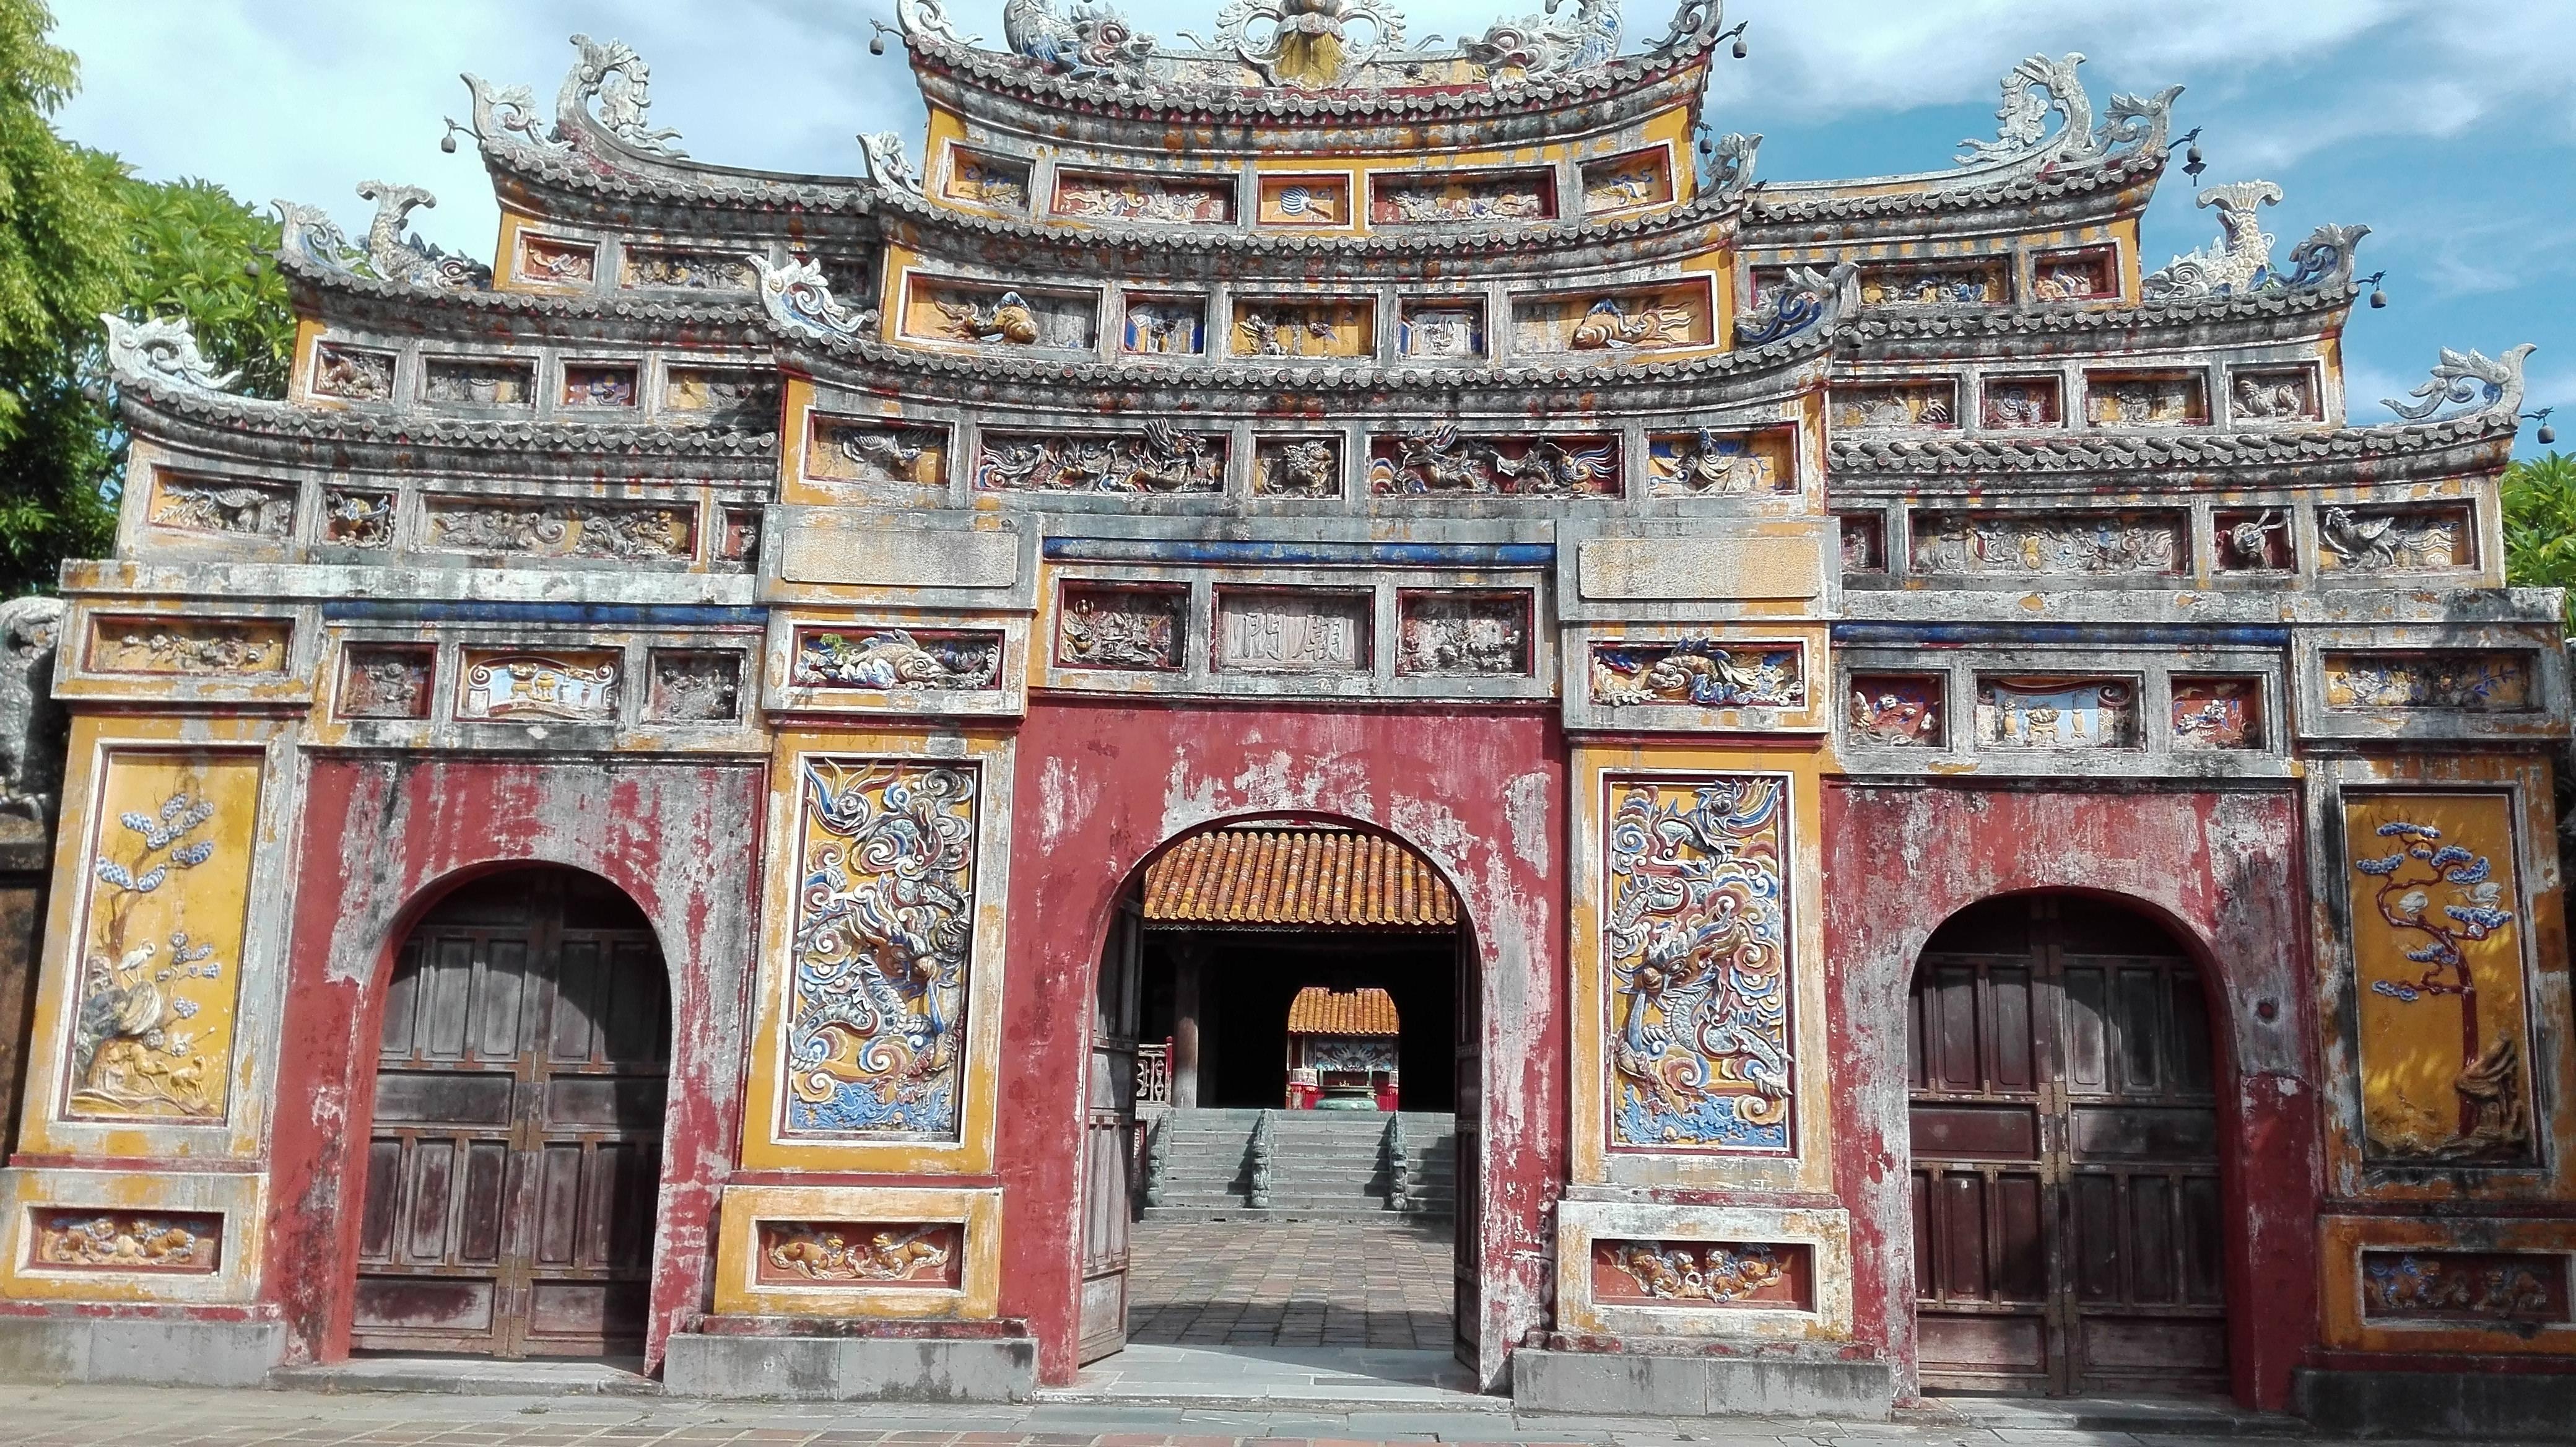 Photo 1: Hué et la Cité impériale (Vietnam) quelle merveille...